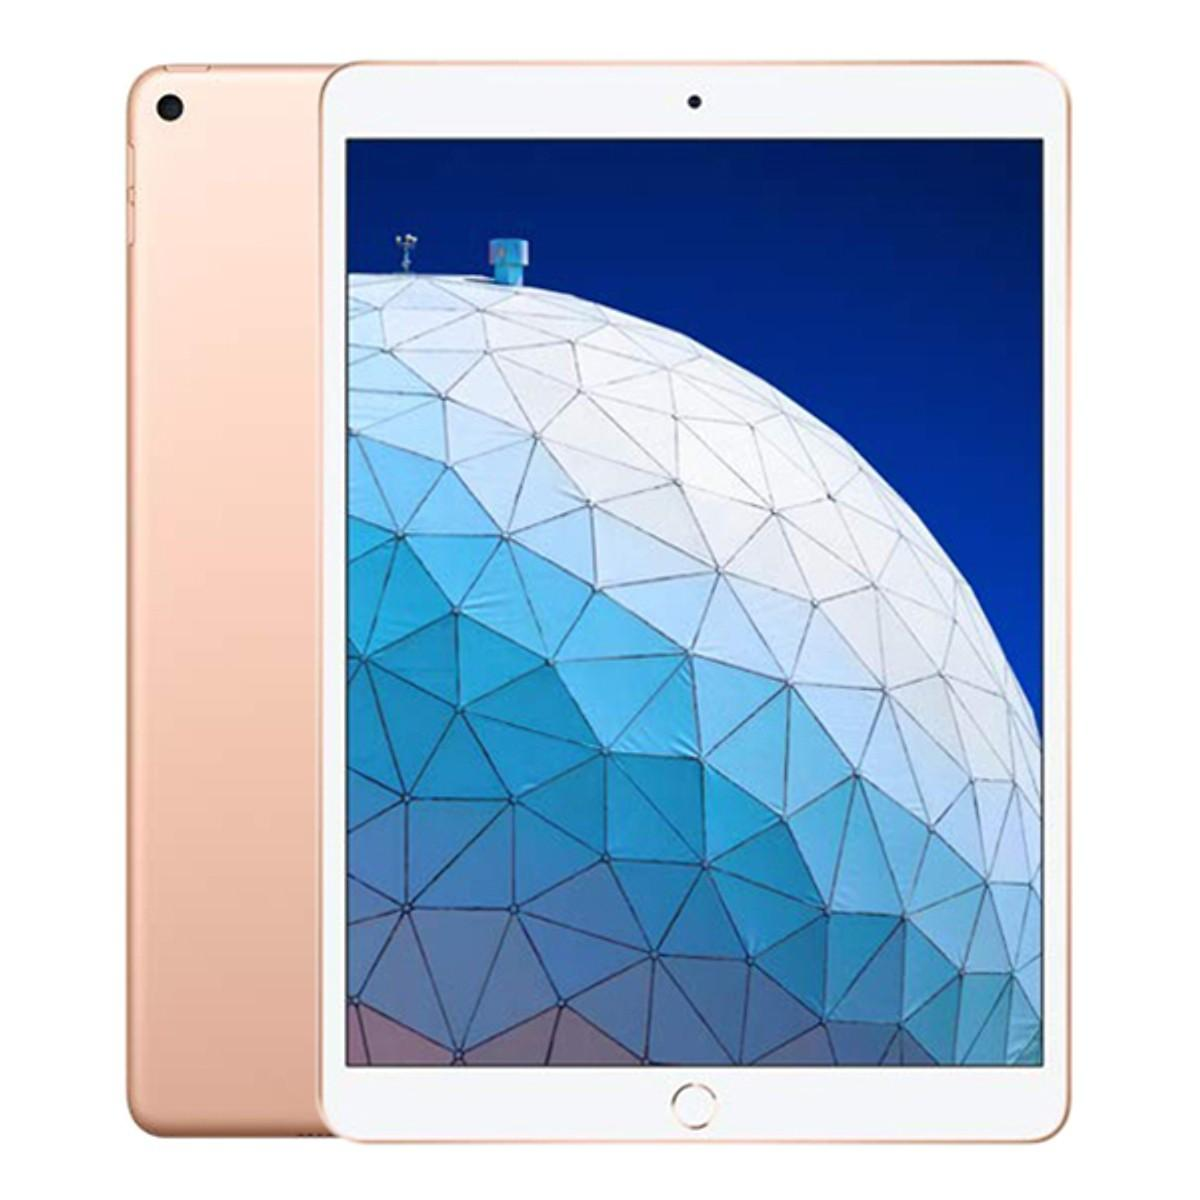 Máy tính bảng Ipad Air 10.5 WiFi 64GB New 2019 - (Màu gold)